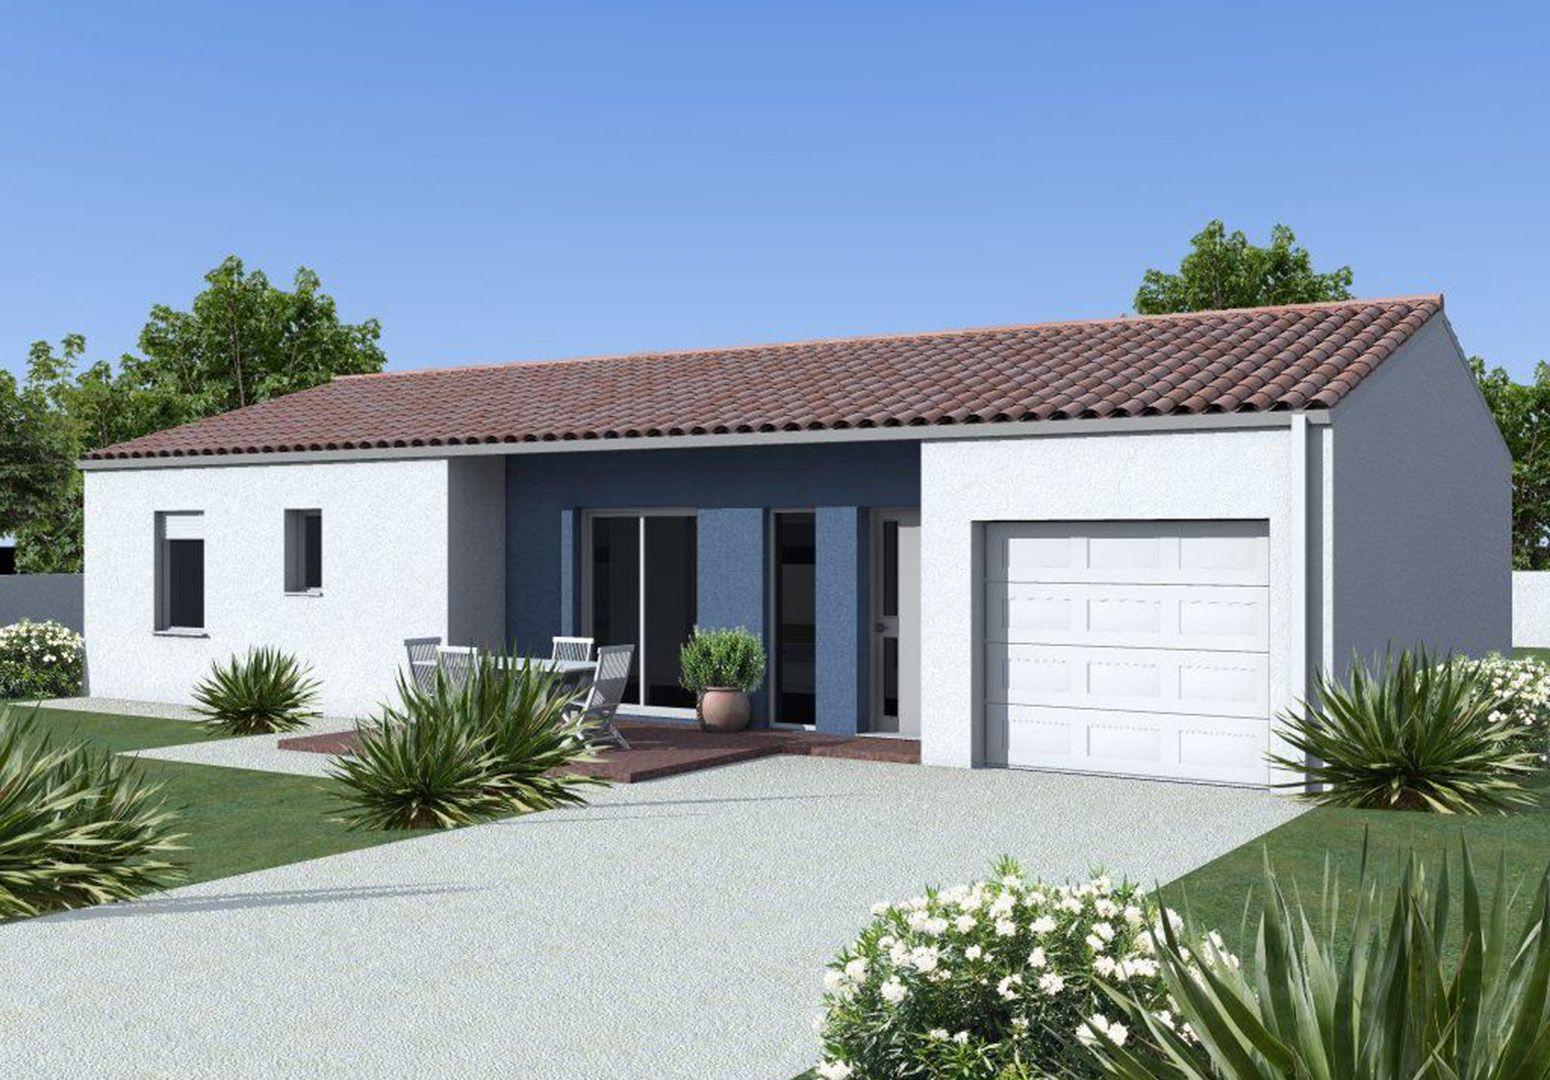 Maisons du constructeur MAISONS IDEOZ 33 • 81 m² • BASSENS